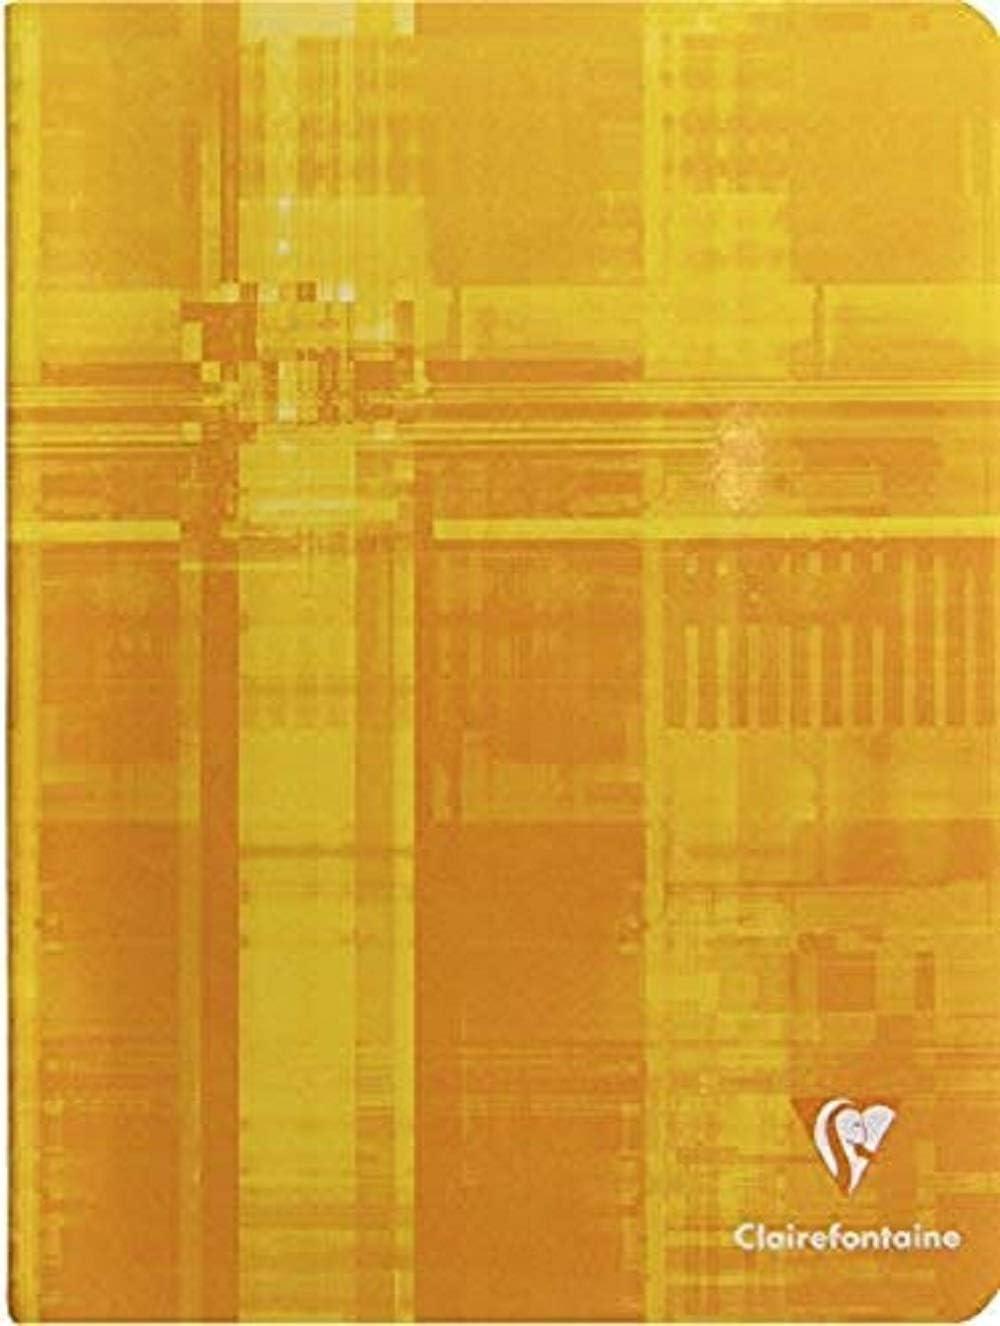 Clairefontaine 63642C TWIN BOOKS Hefter A5 MAXI kariert 5x5 96 Blatt sortiert